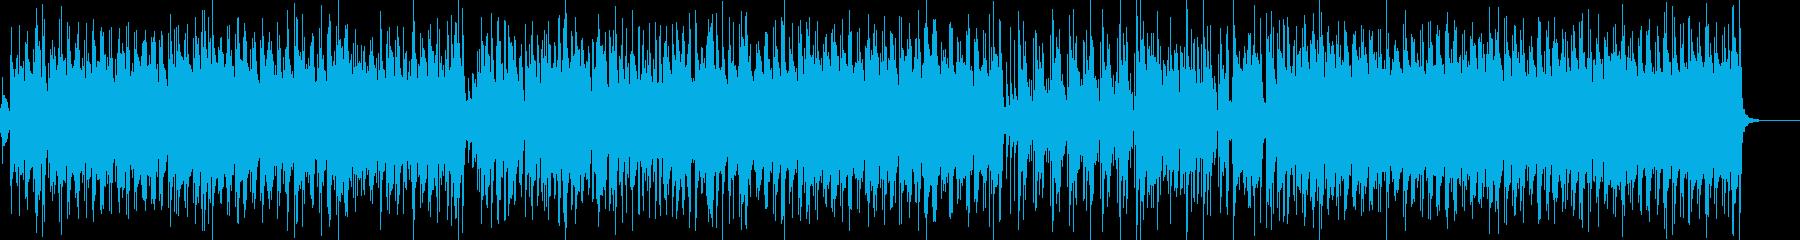 ボサノバ/メロ抜/ナイロンギター/カフェの再生済みの波形